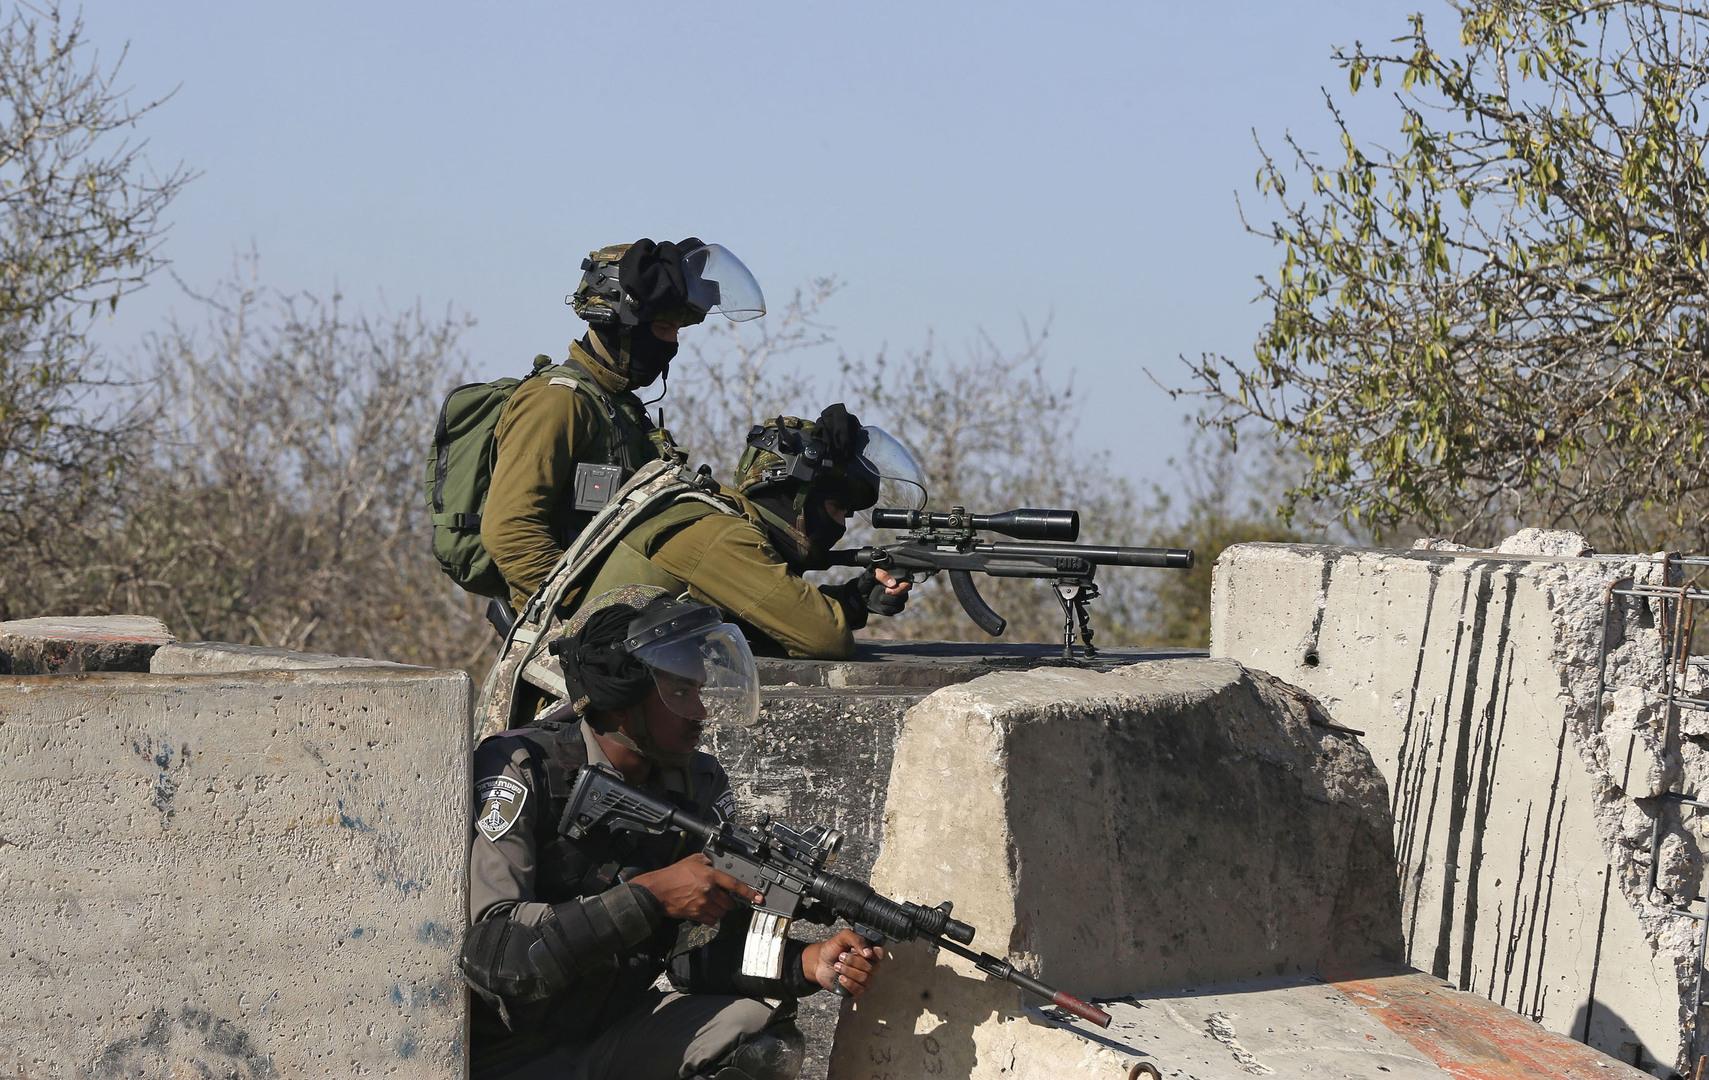 مقتل فلسطيني وإصابة زوجته برصاص إسرائيلي (فيديو)